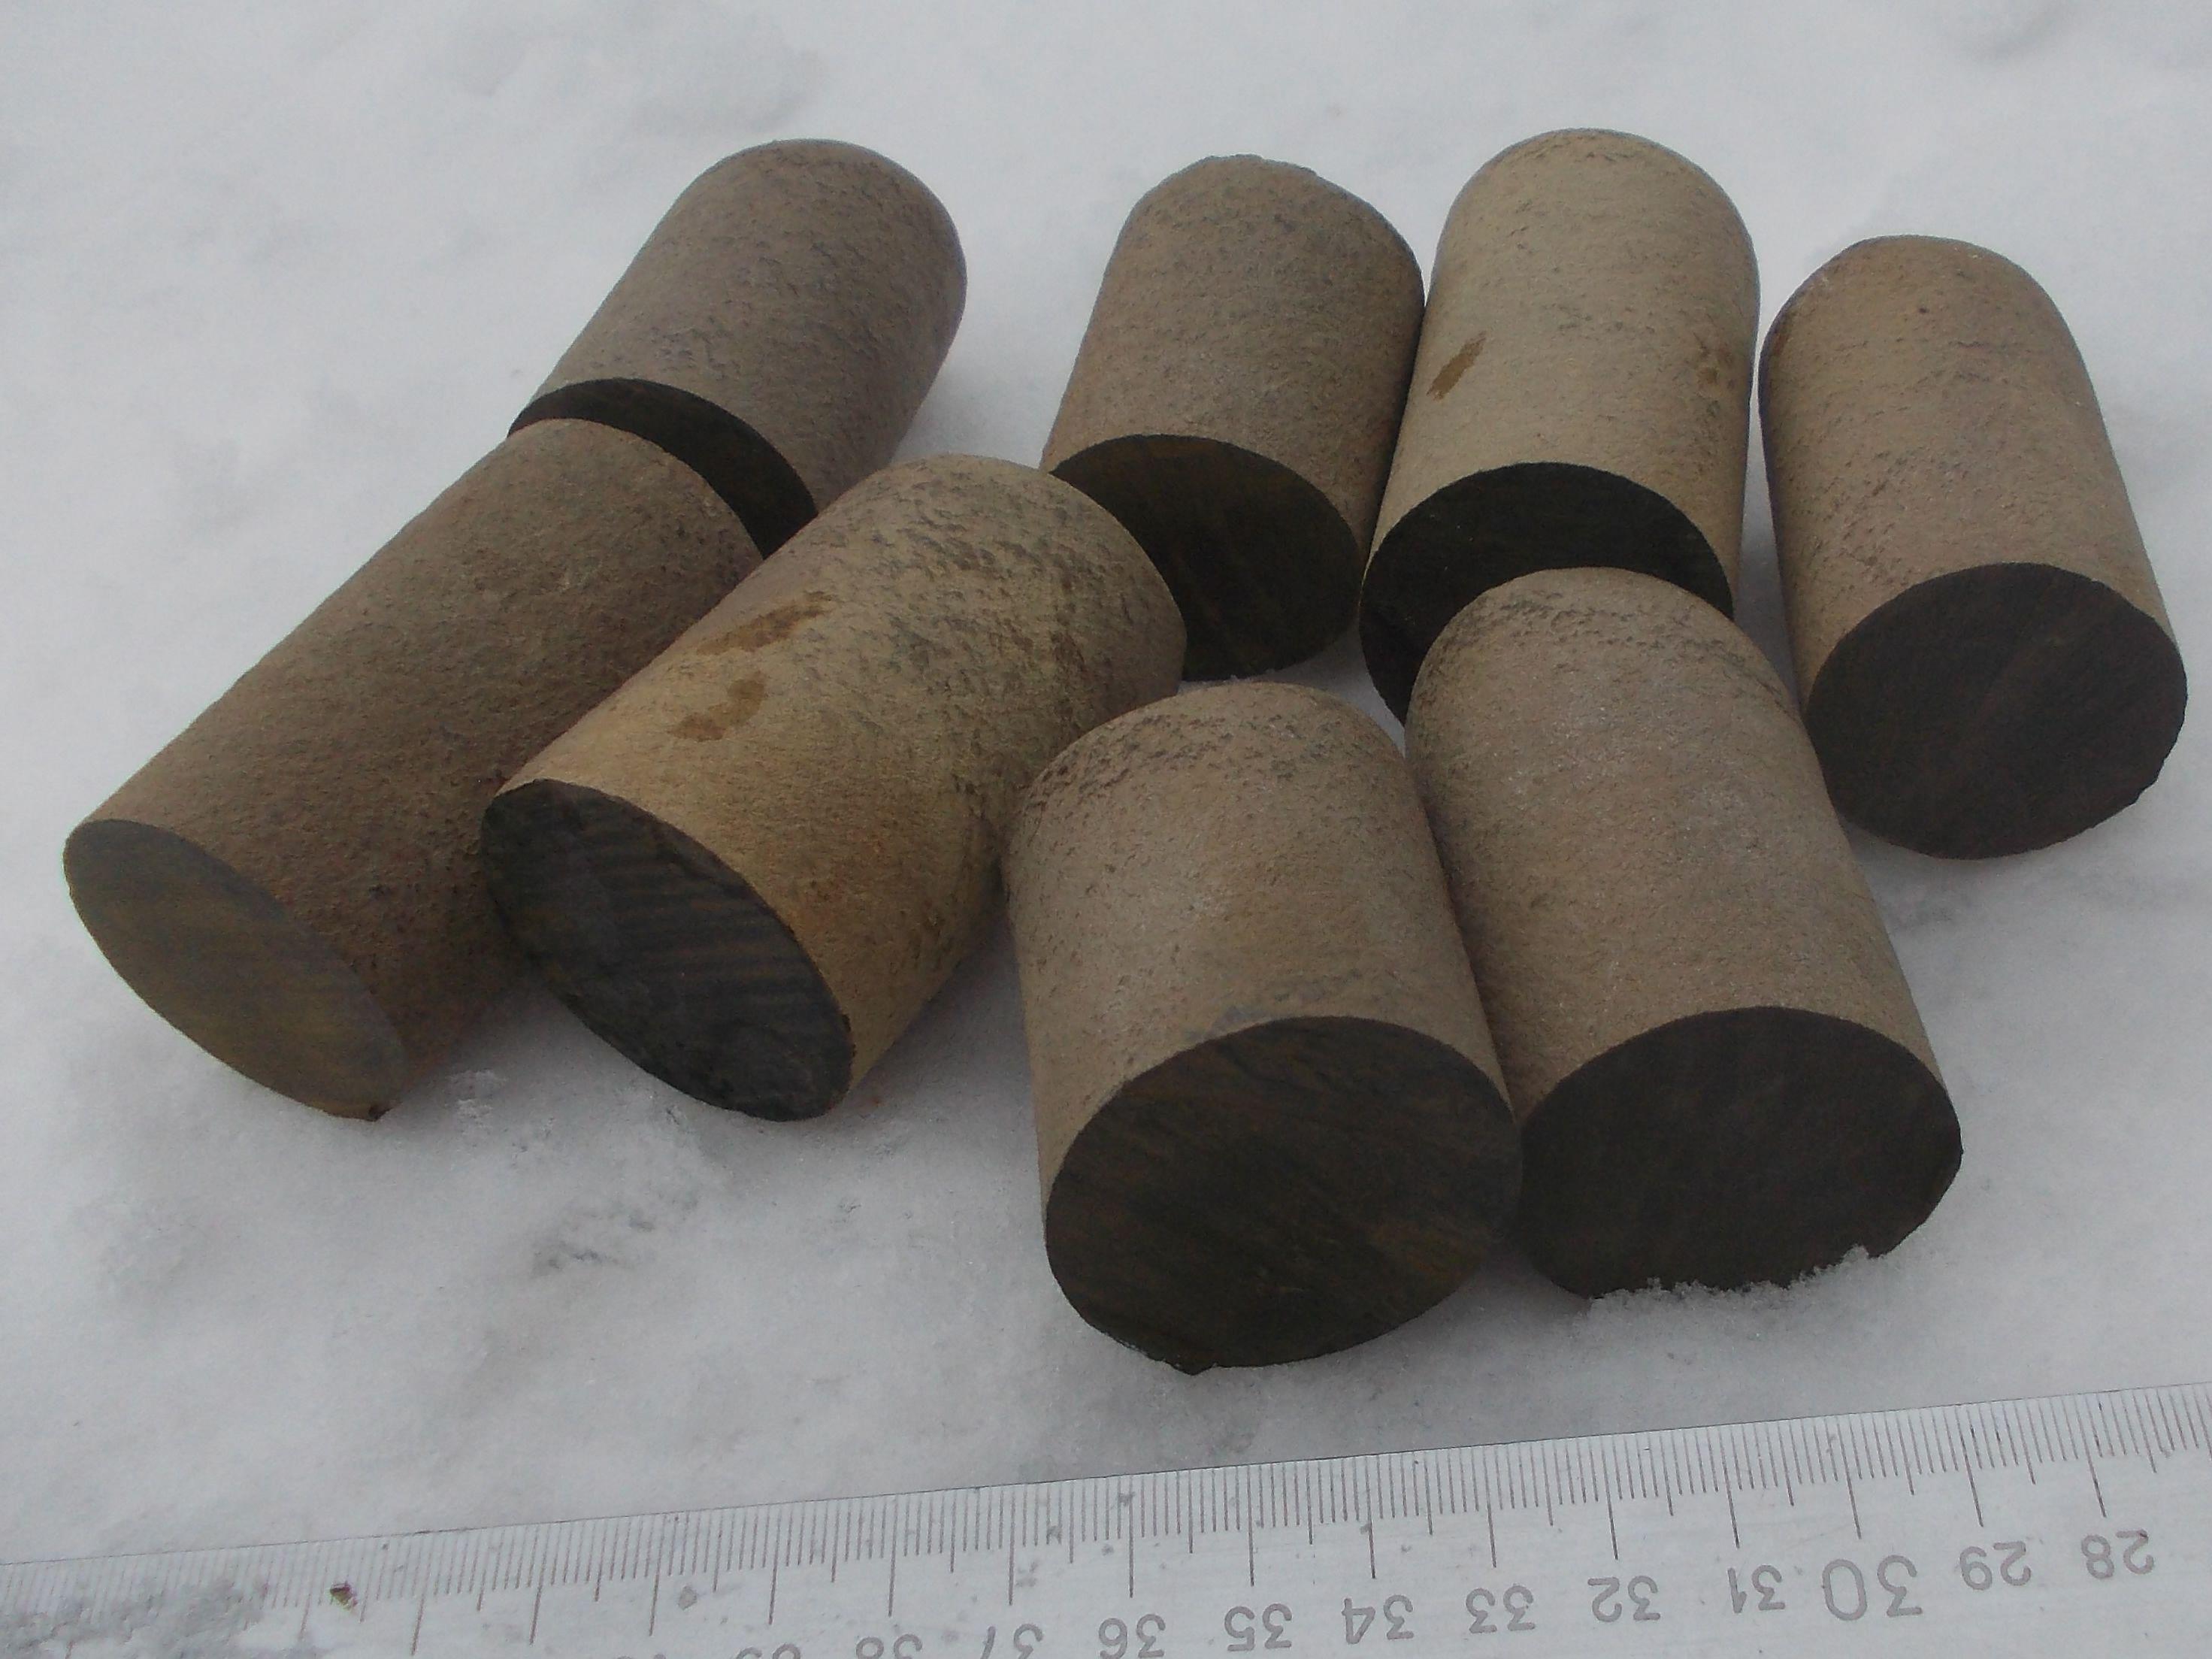 Plate Offcuts Block Plastic Constructive 8 Rods 40 Mm Dia Ebonite Hard Rubber Ebay In 2020 Hard Rubber Rubber Plates